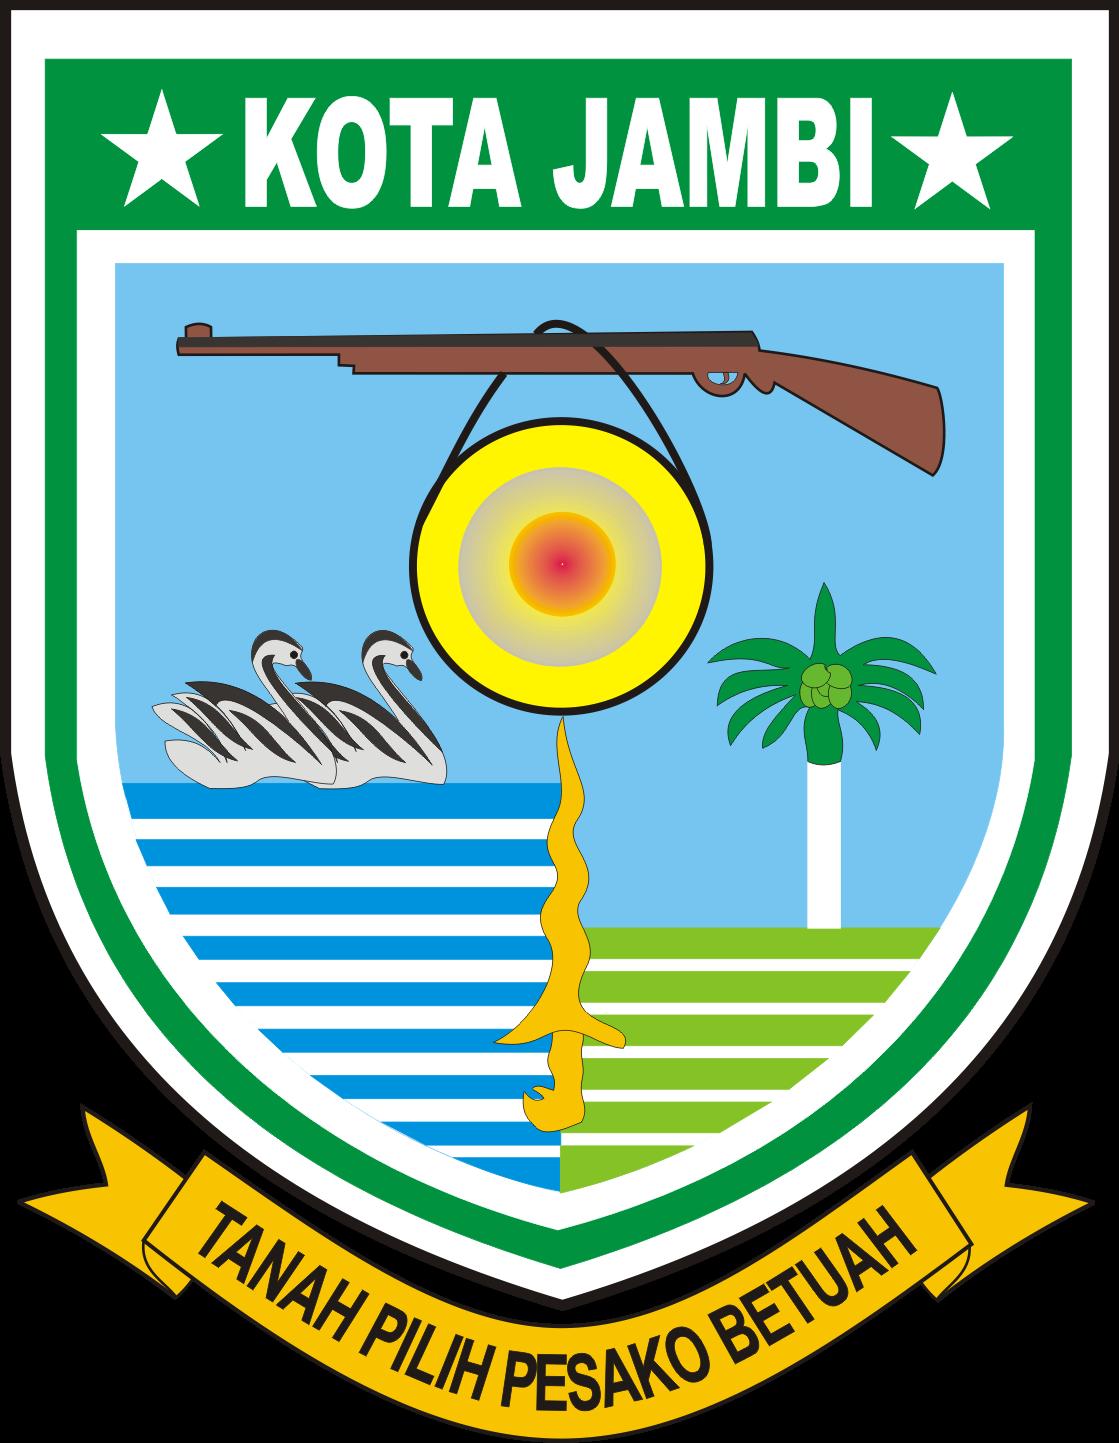 Lambang Kota Jambi - Kumpulan Logo Indonesia